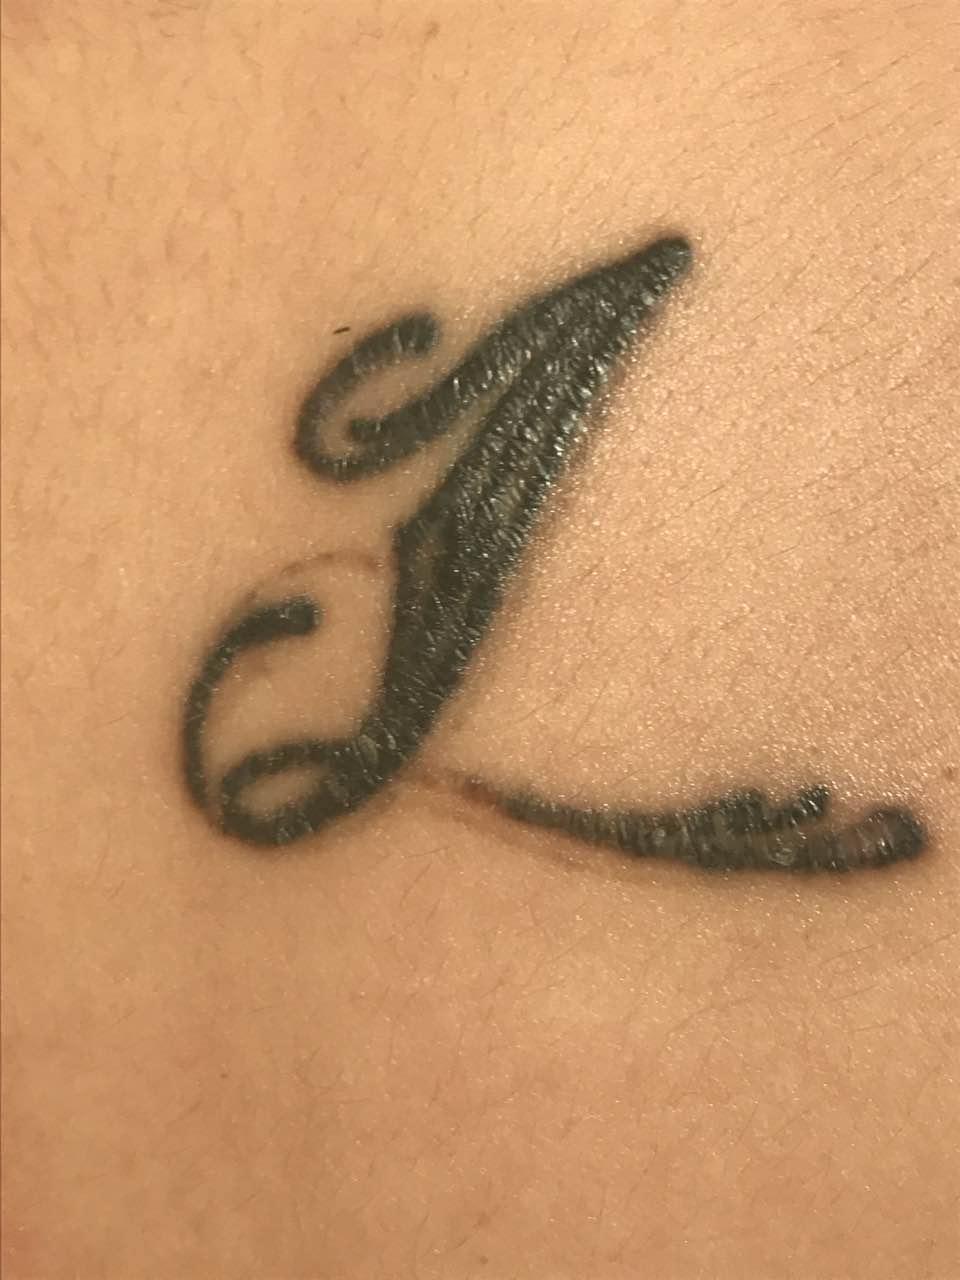 纹身洗掉后的疤痕图片_带你逆袭的阿琪_新浪博客